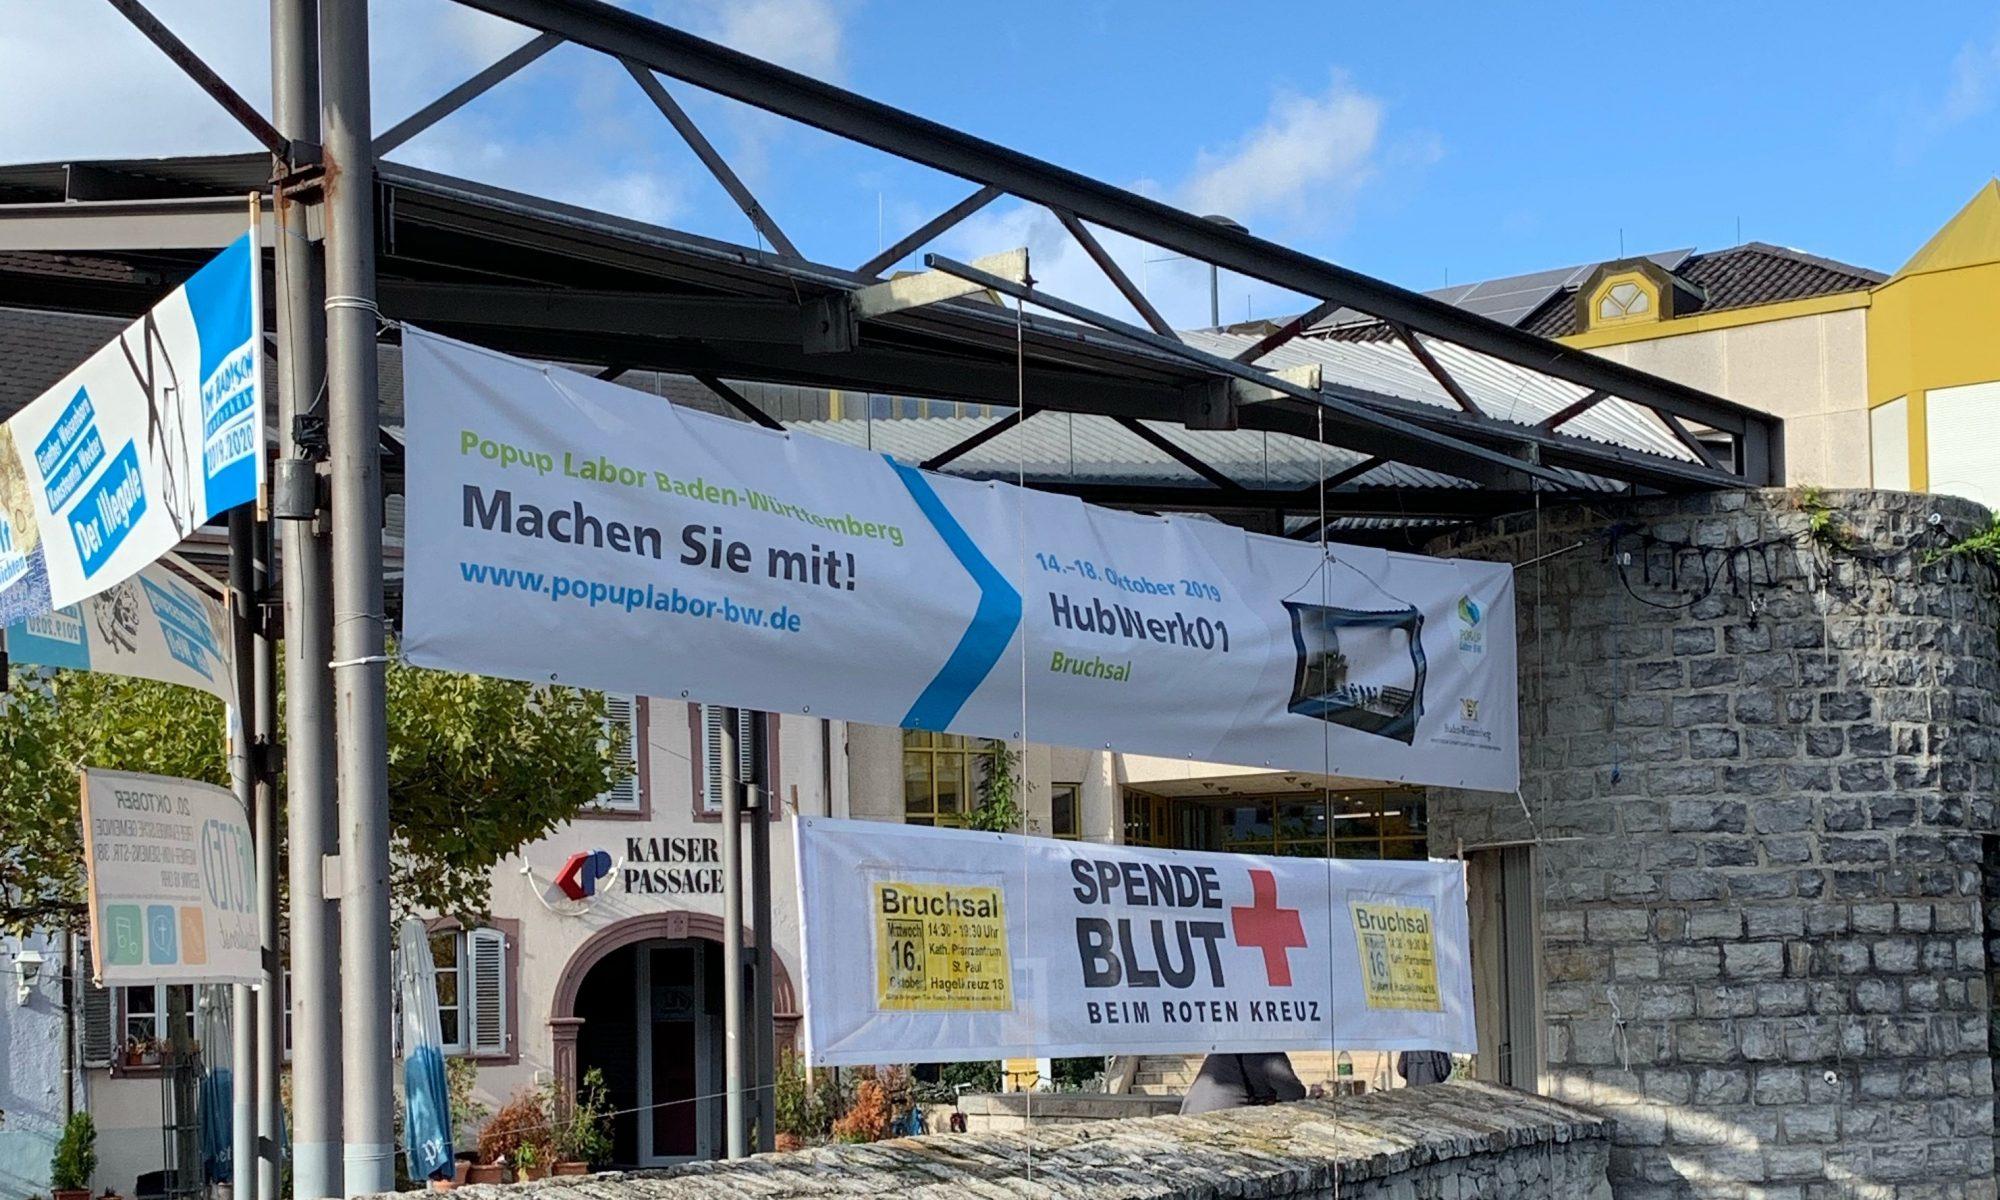 Banner Bruchsal am Marktplatz (Bildquelle: HubWerk01)